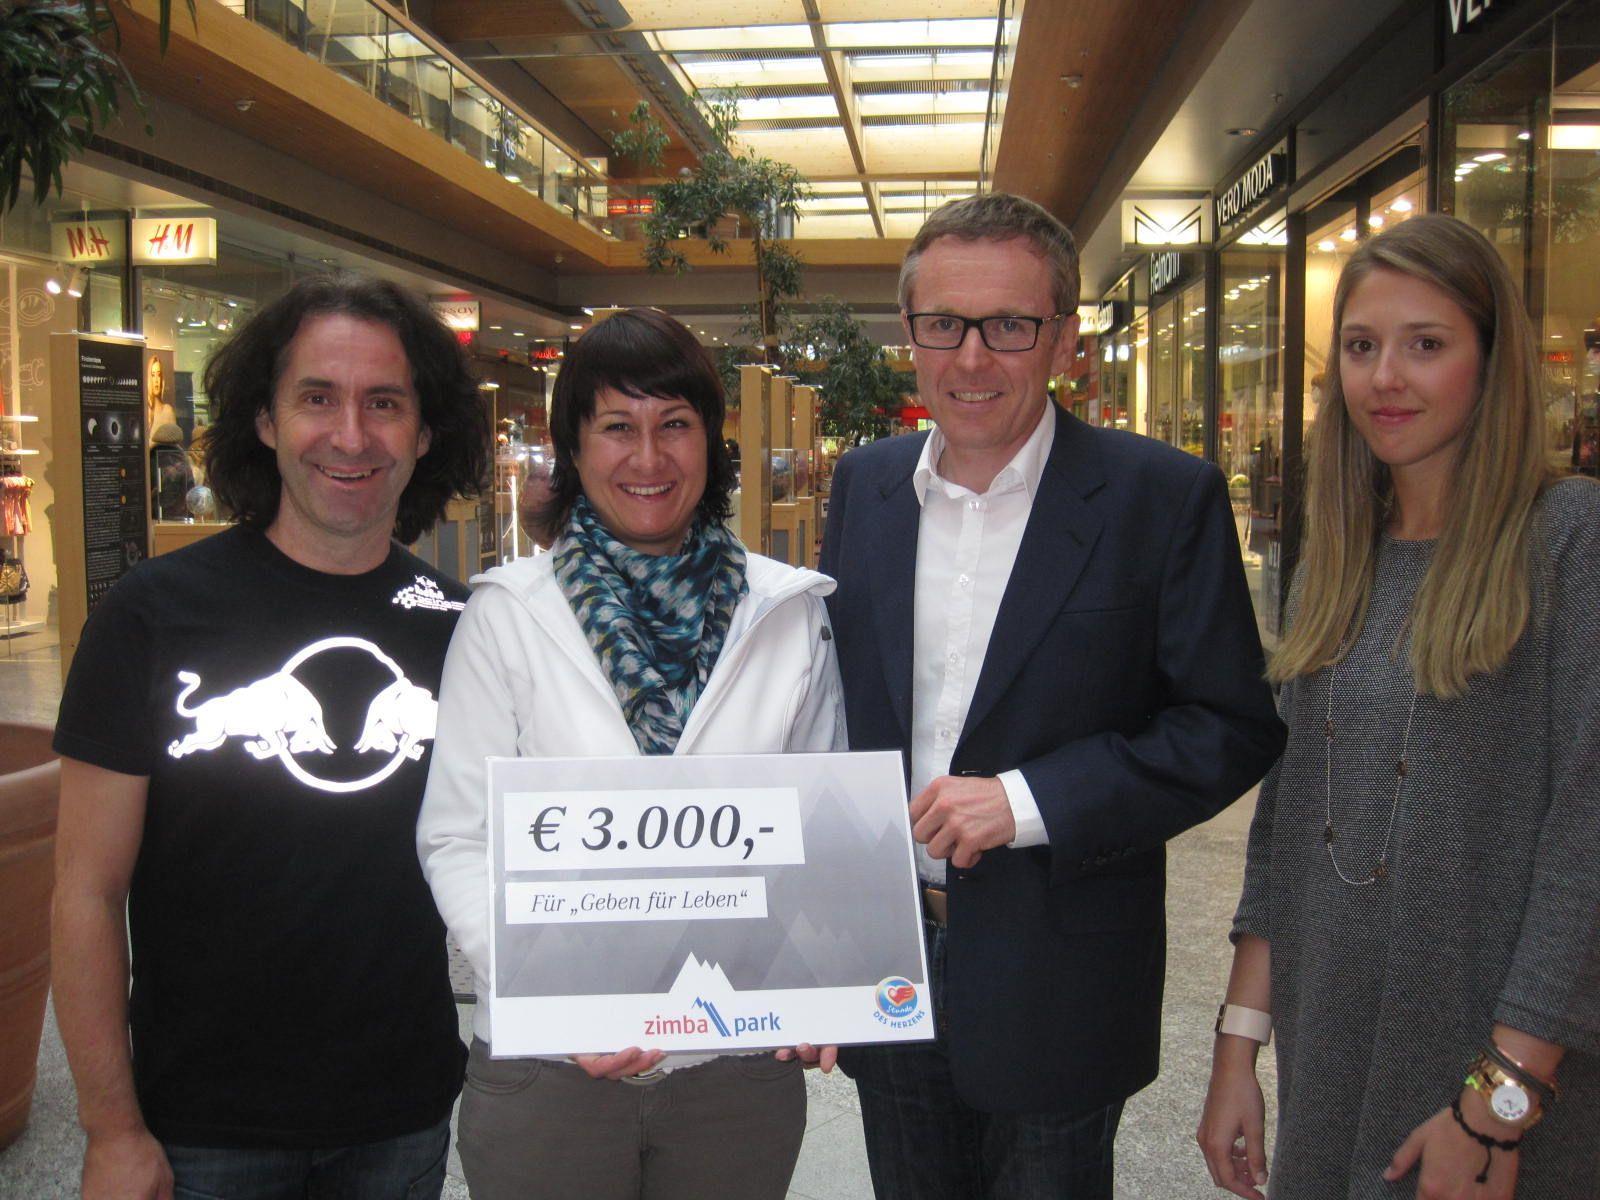 Geben für Leben-Obfrau Susanne Marosch erhielt seitens des Zimbapark und Stunde des Herzens 3000 Euro überreicht.